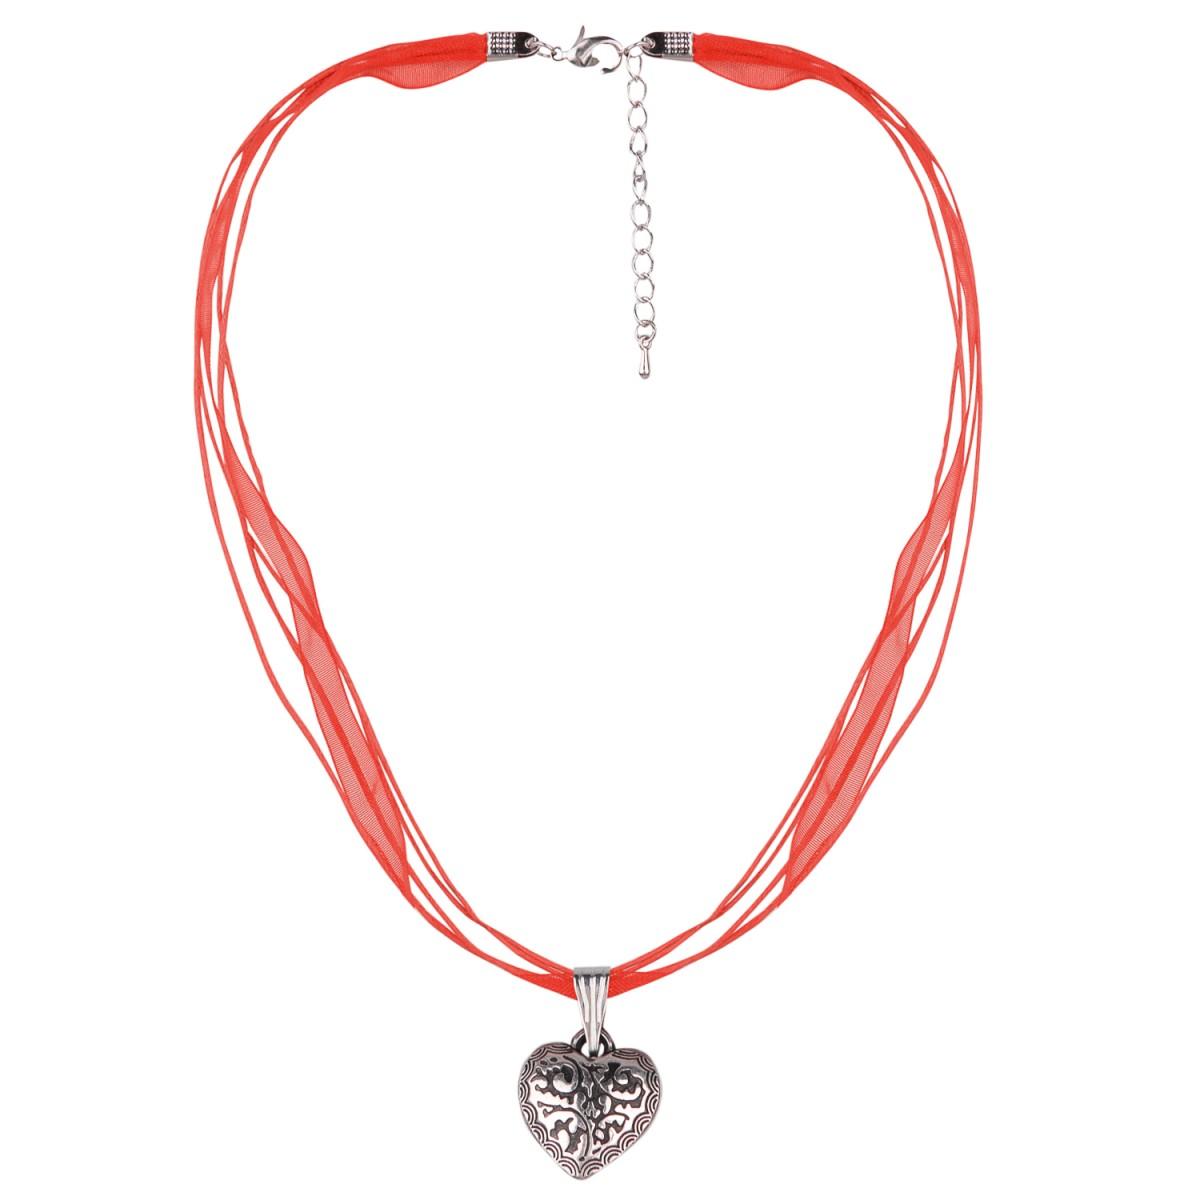 Halskette in Rot mit 4 Bändern und Herzanhänger von Schlick Accessoires günstig online kaufen